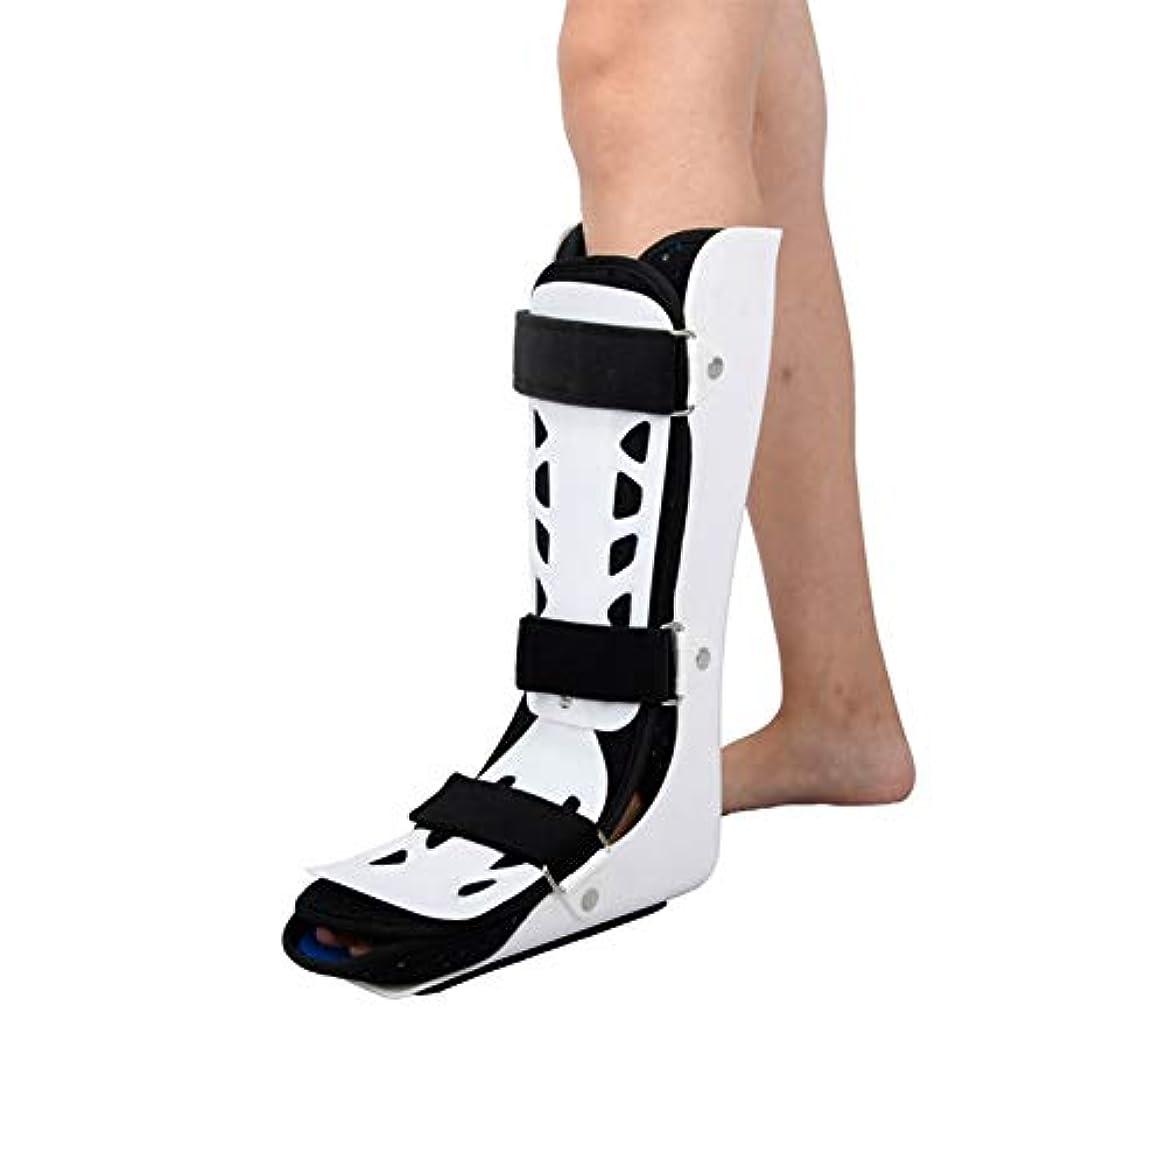 告白急勾配の湿った足首サポート アキレス、大人の足首とアキレス腱を骨折し、歩行時の通気性を訓練します。足首を固定します。 (Color : 左, Size : L)